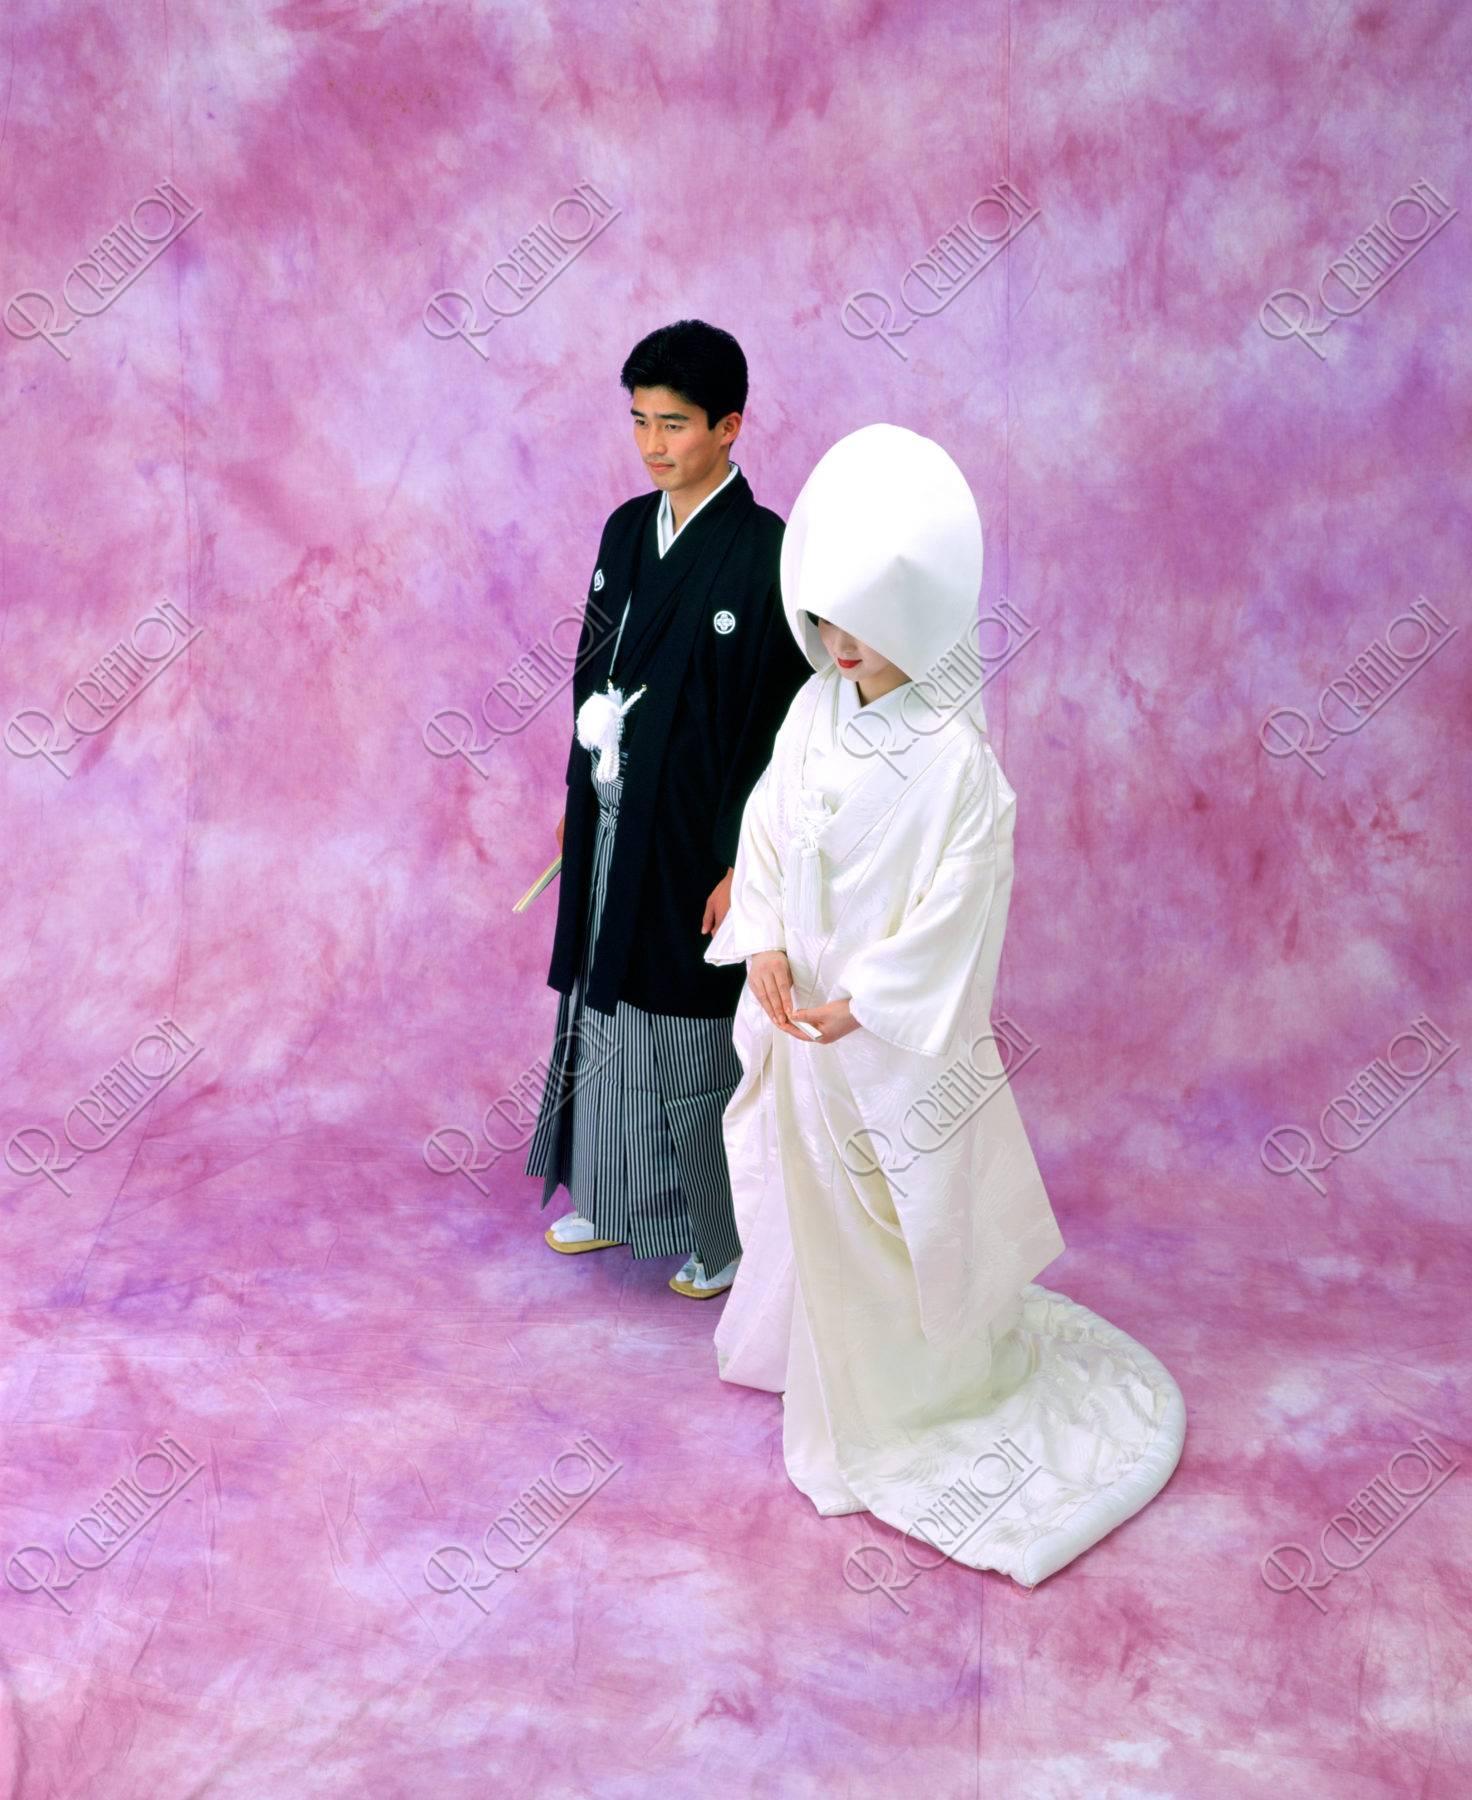 綿帽子の花嫁と花婿